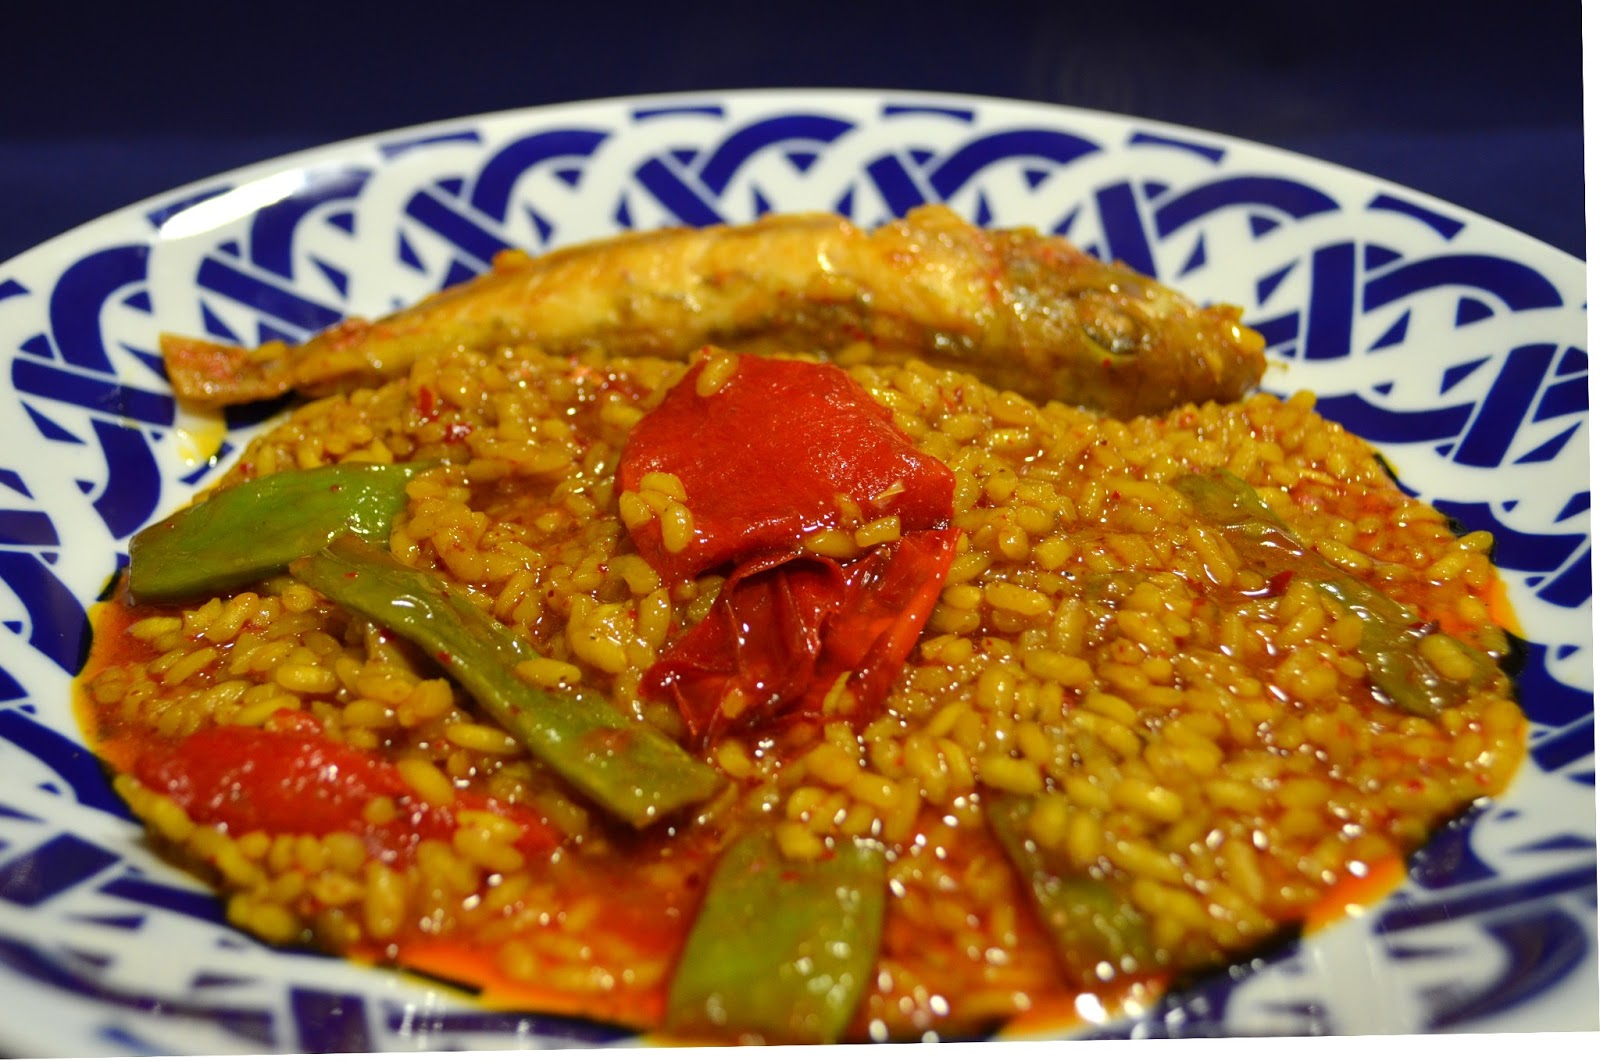 Cocinar con c arroz meloso con salmonetes arr s amb molls Cocinar con 5 ingredientes